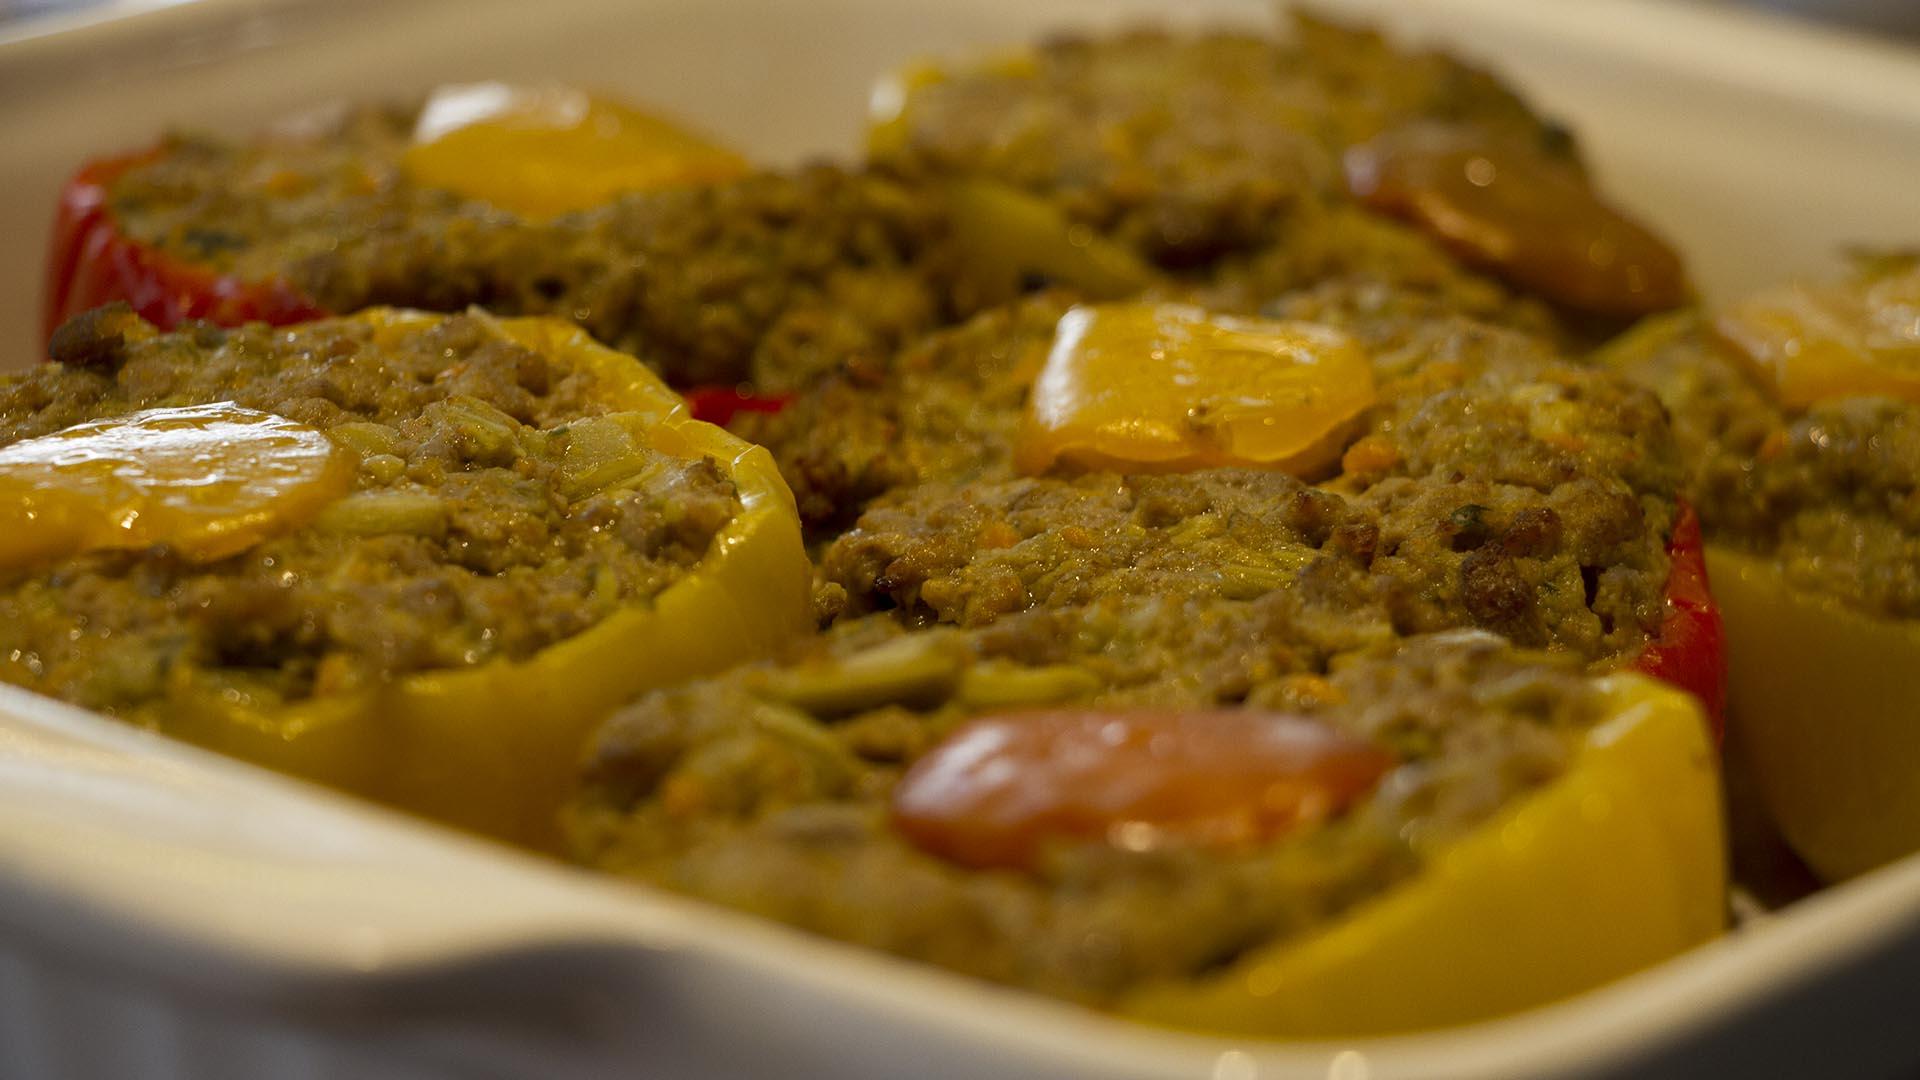 pranzo-peperoni ripieni-semaforo rosso